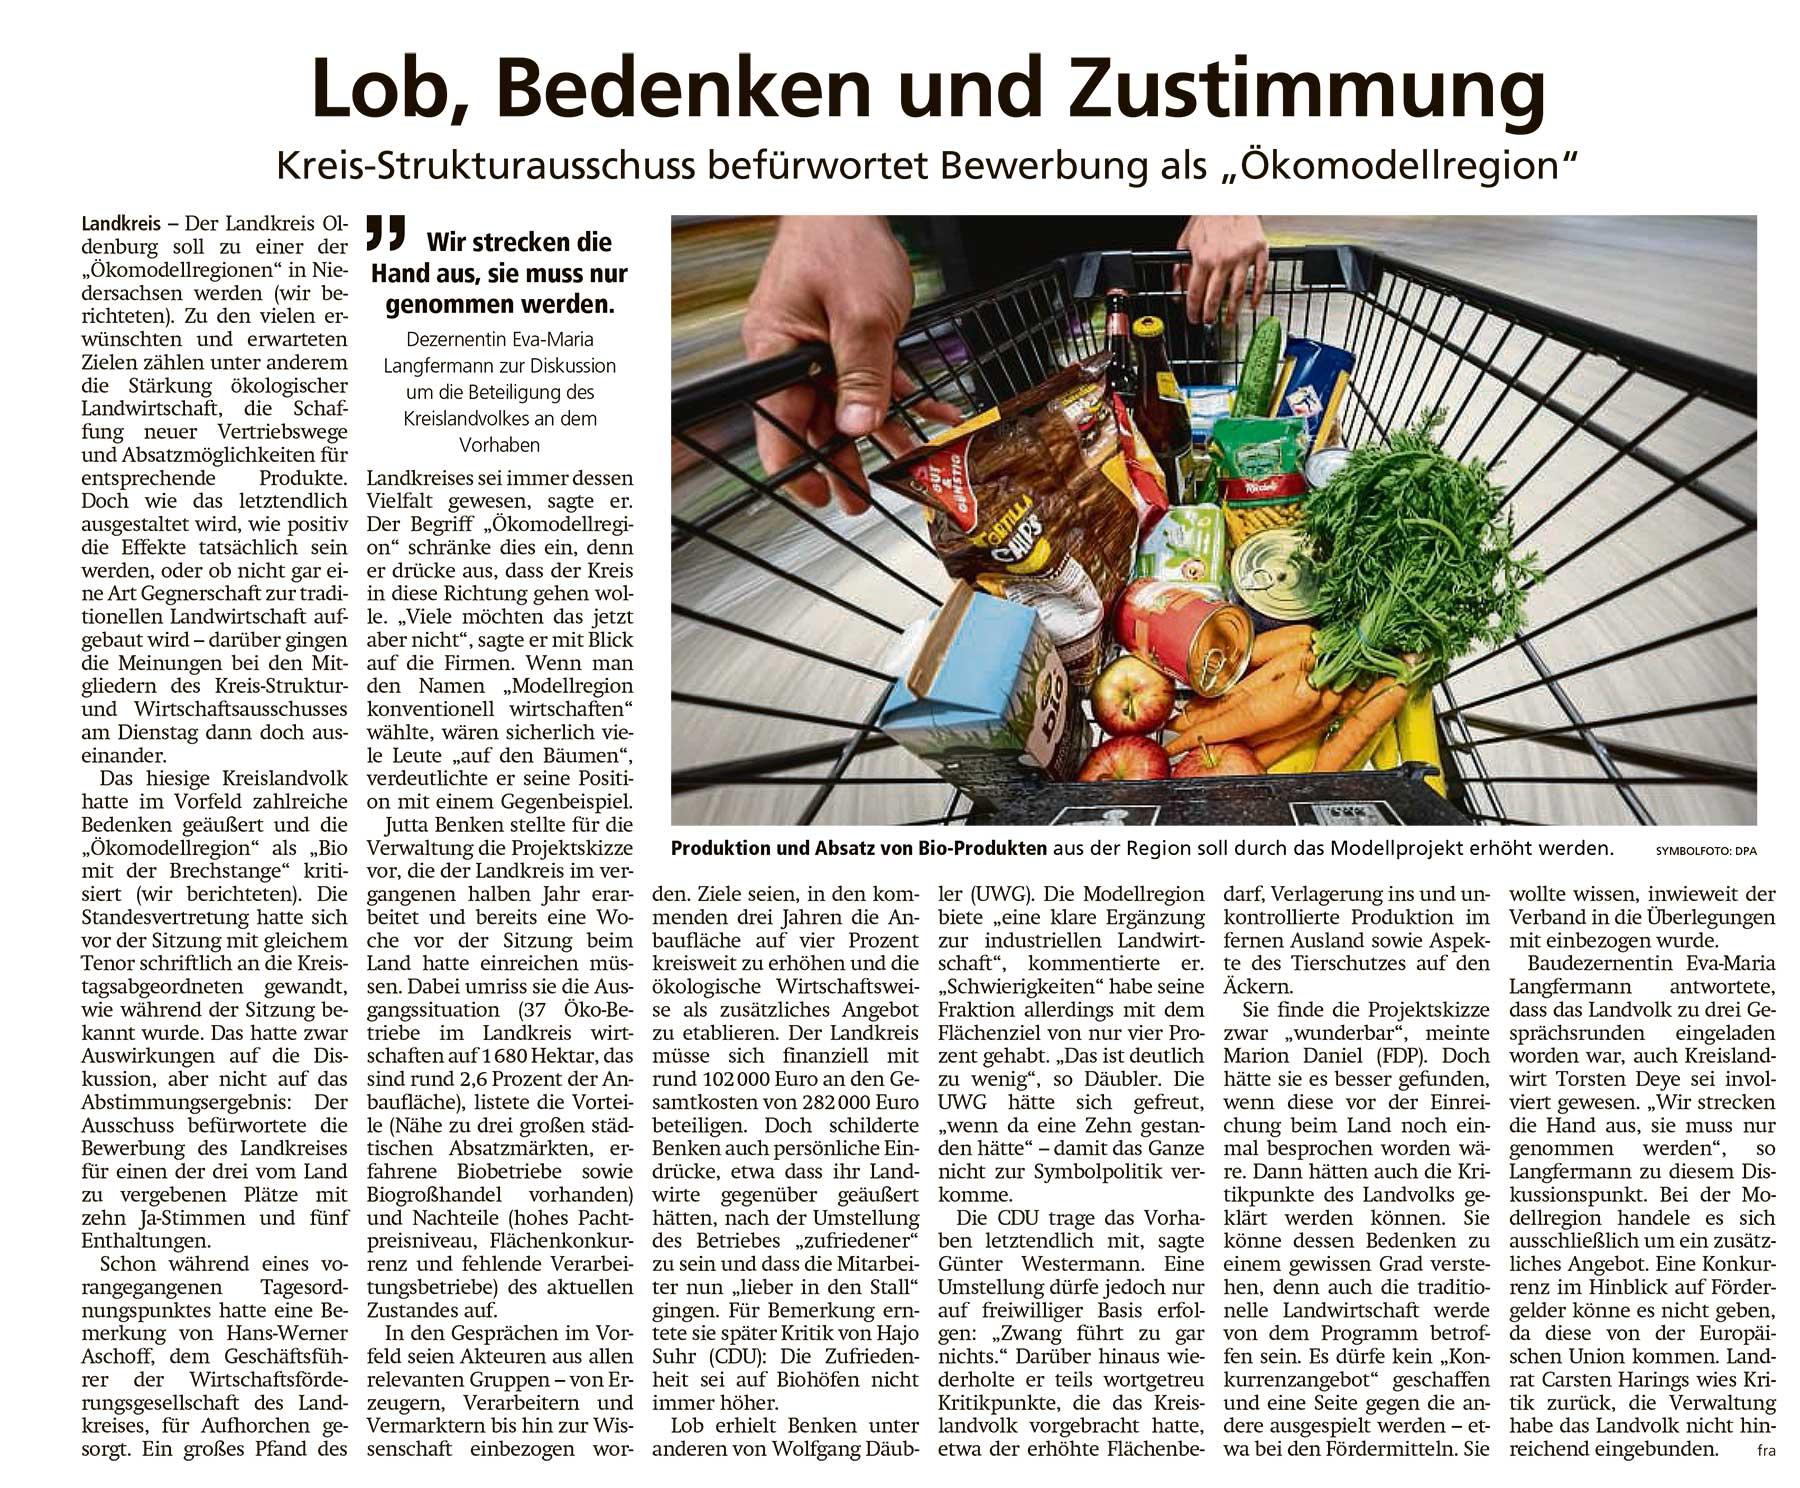 Lob, Bedenken und ZustimmungLandkreis // Kreis-Strukturausschuss befürwortet Bewerbung als 'Ökomodellregion'Artikel vom 22.04.2021 (WZ)